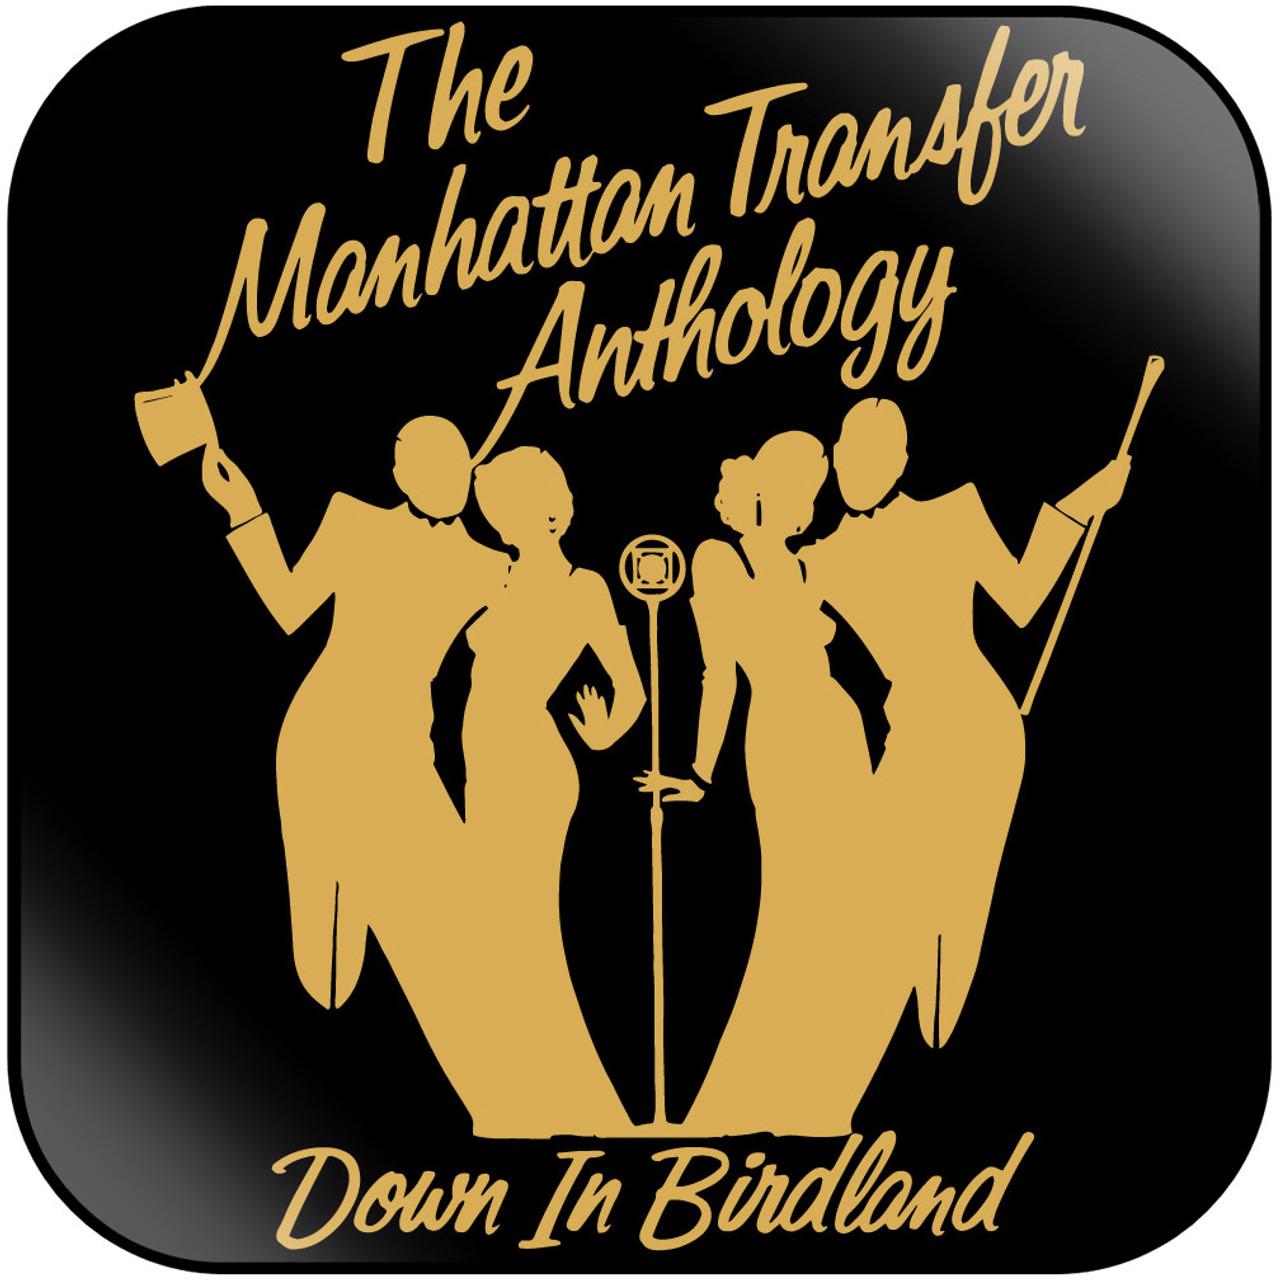 The Manhattan Transfer - The Manhattan Transfer Anthology Down In Birdland  Album Cover Sticker